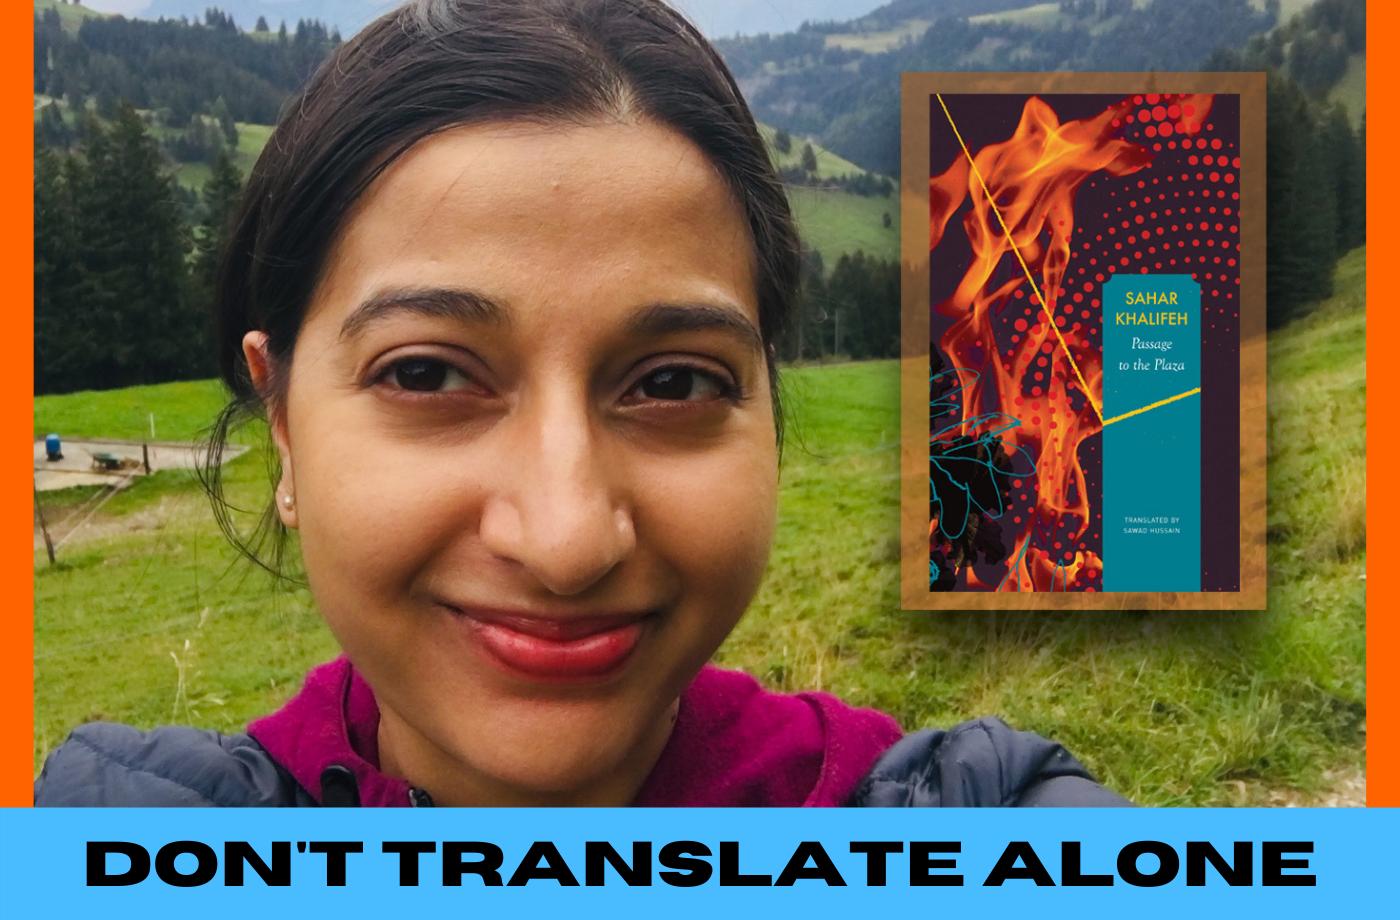 Catapult online classes: Sawad Hussain, 1-Day Online Translation Workshop: Translating Humor in Contemporary Arabic Literature, Translation, Workshop